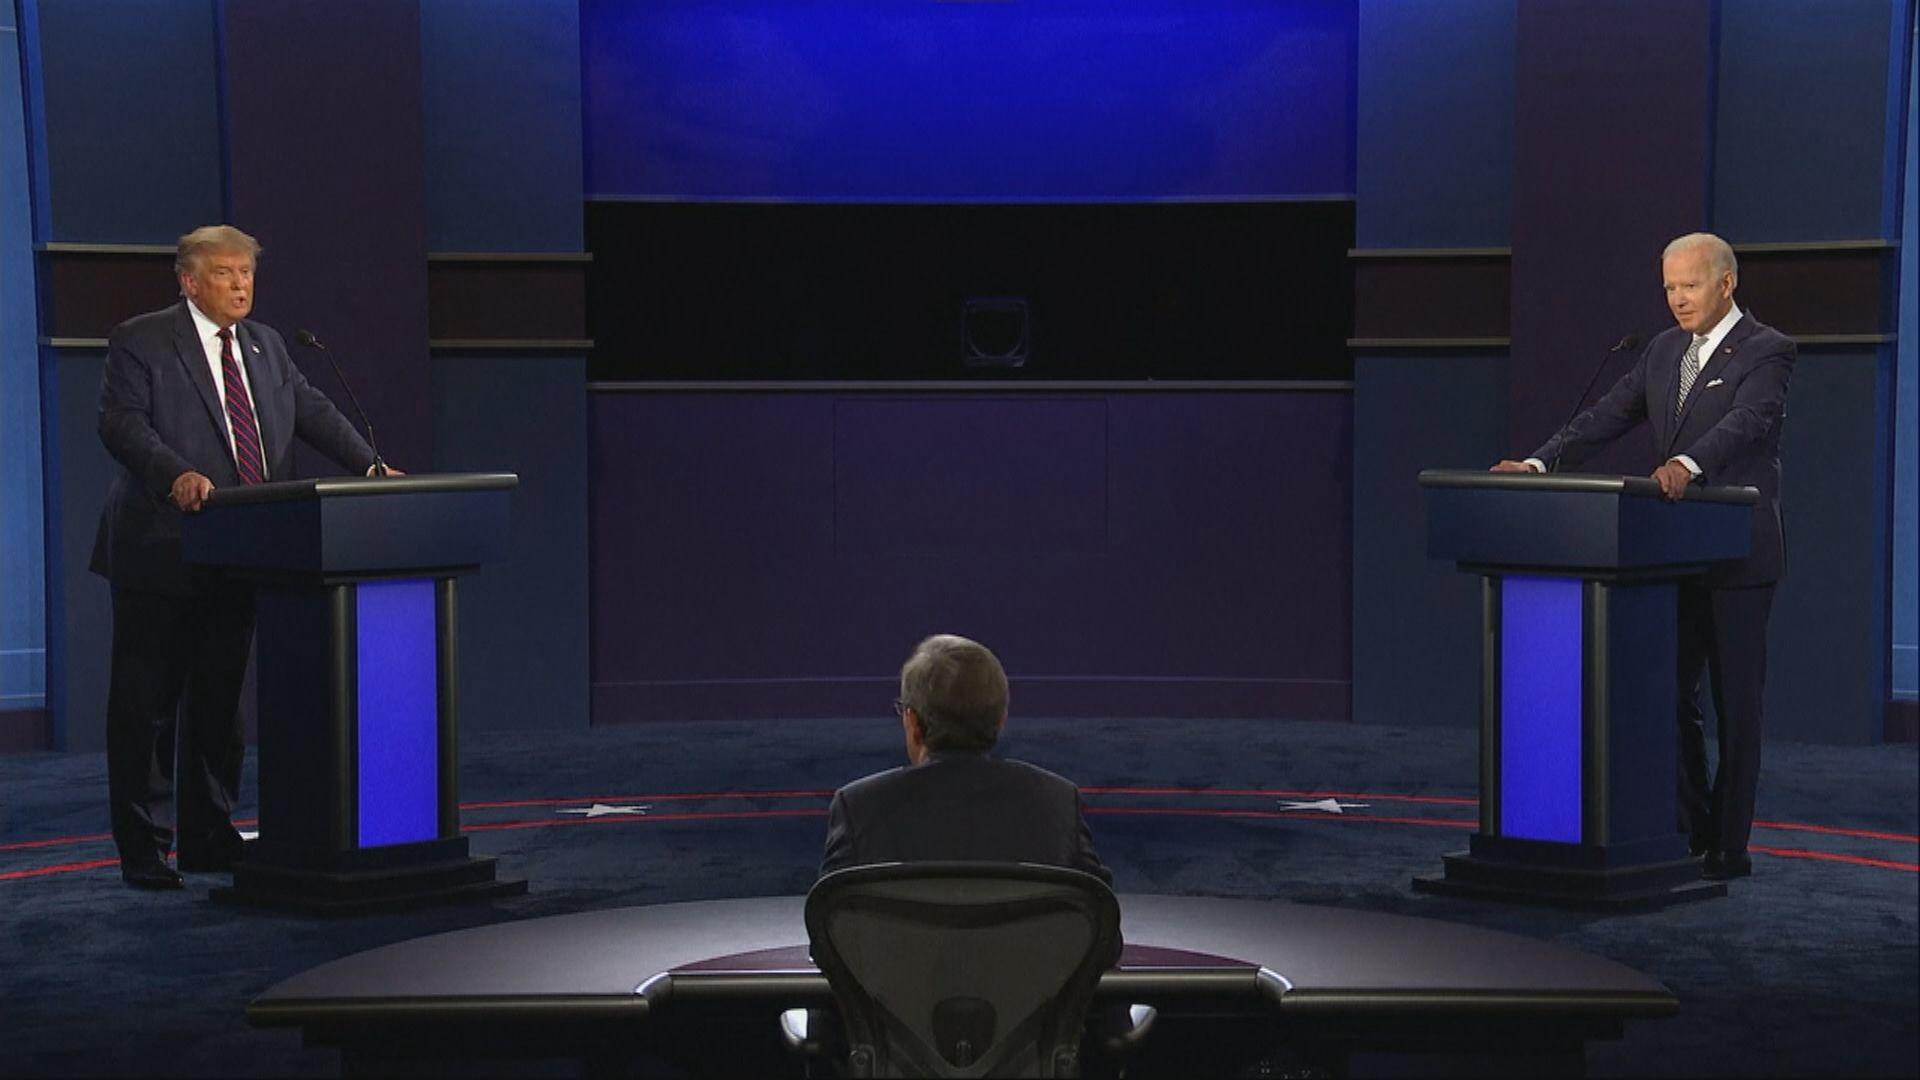 美國總統候選人第二場辯論取消